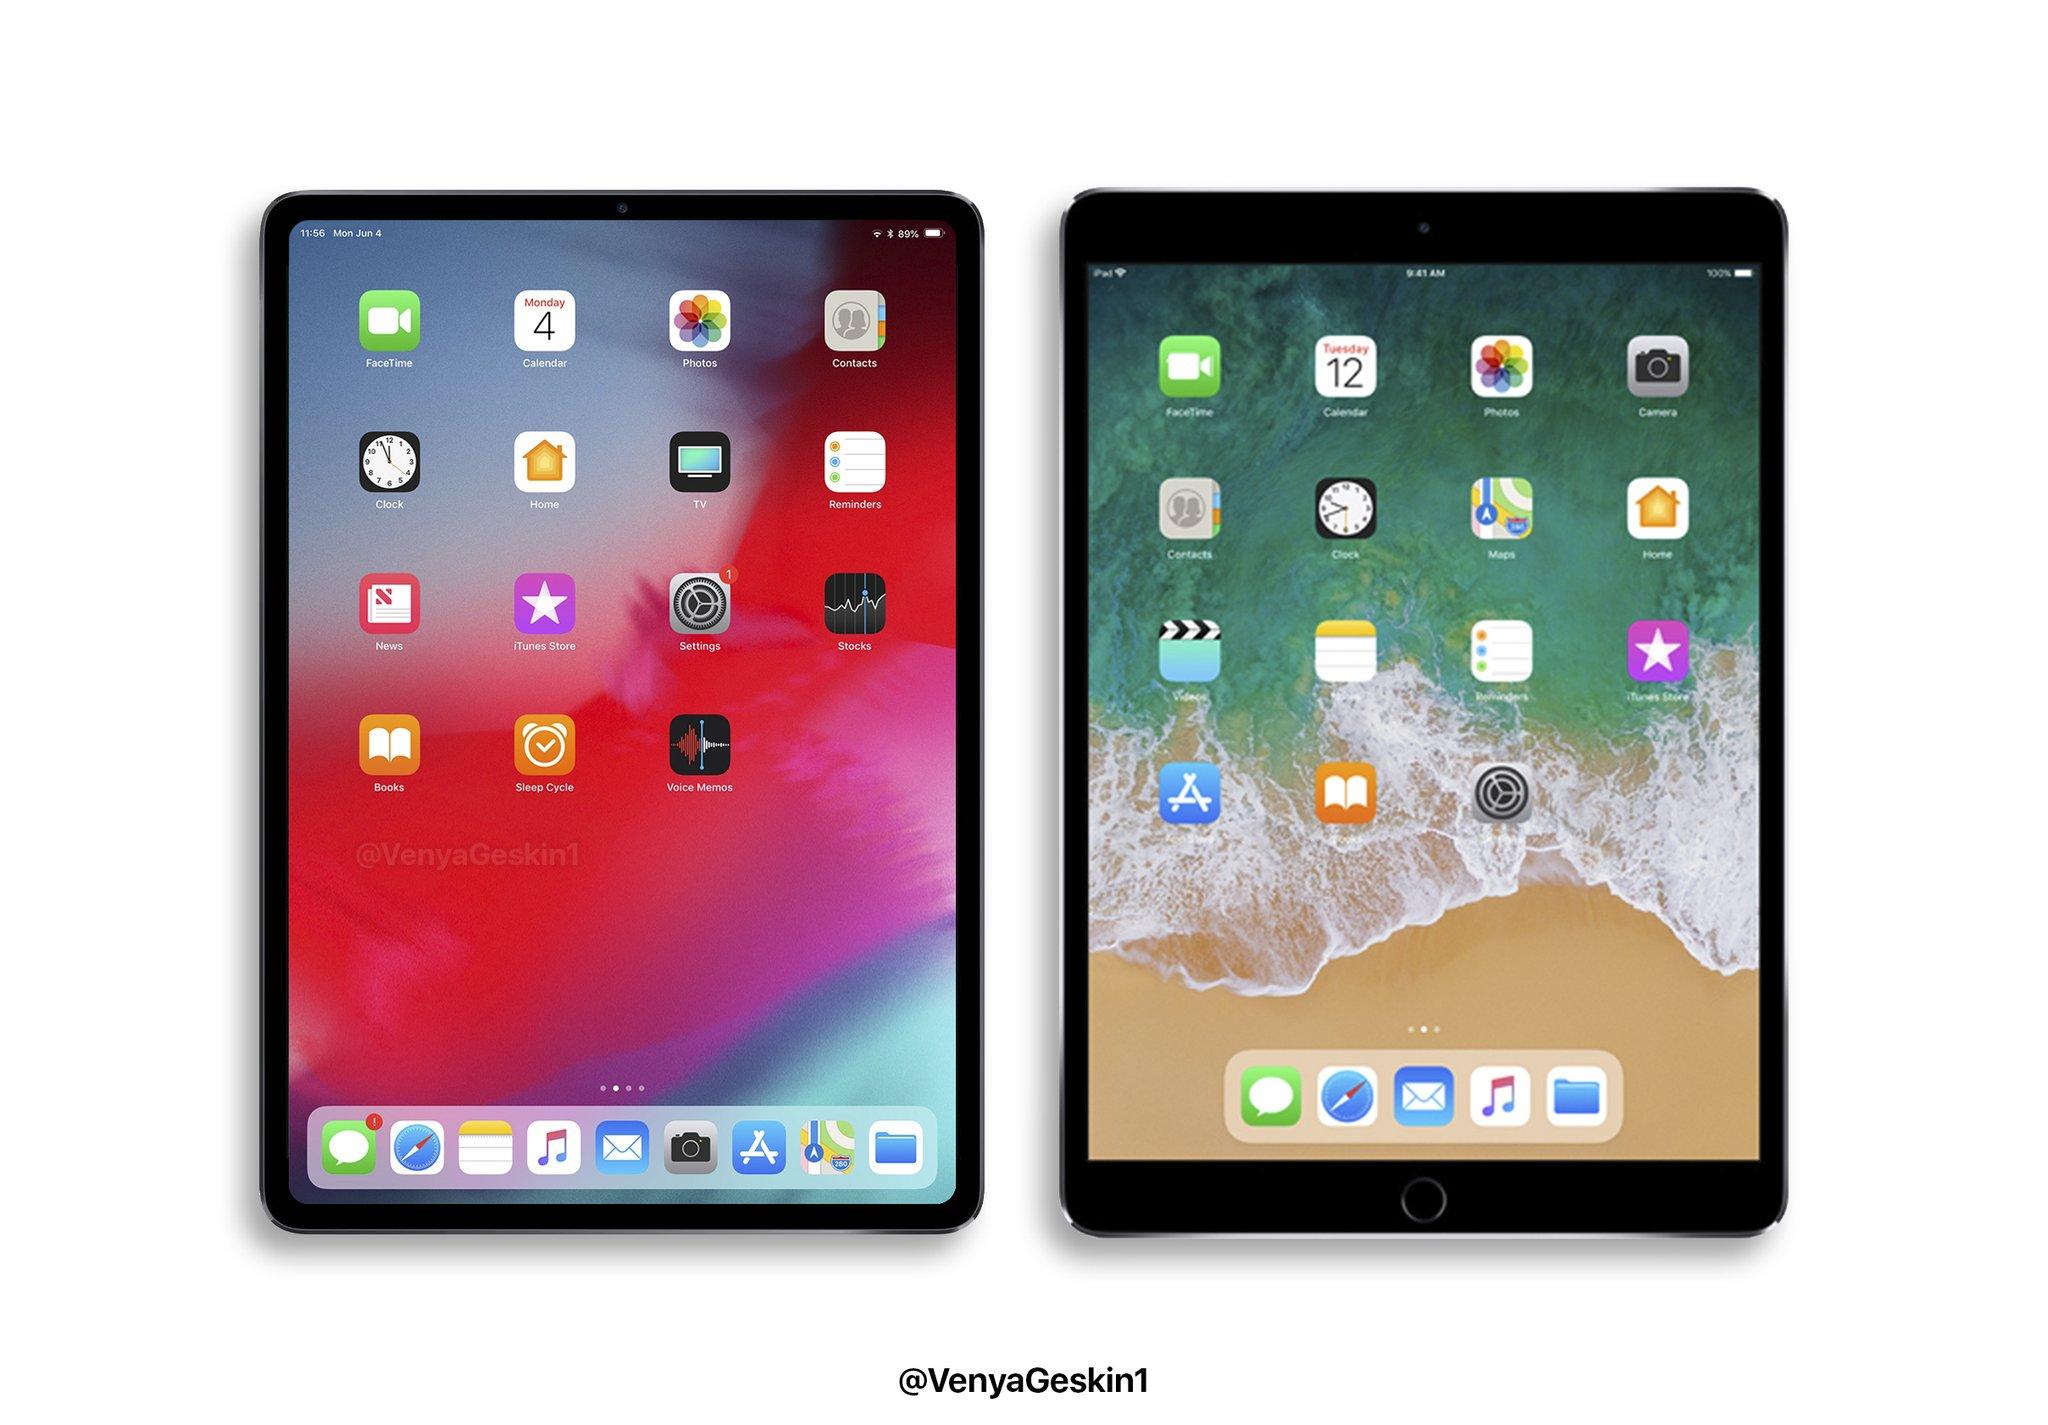 آیپد پرو 11 اینچی 2018 با نمایشگر کم حاشیه و Face ID عرضه می شود